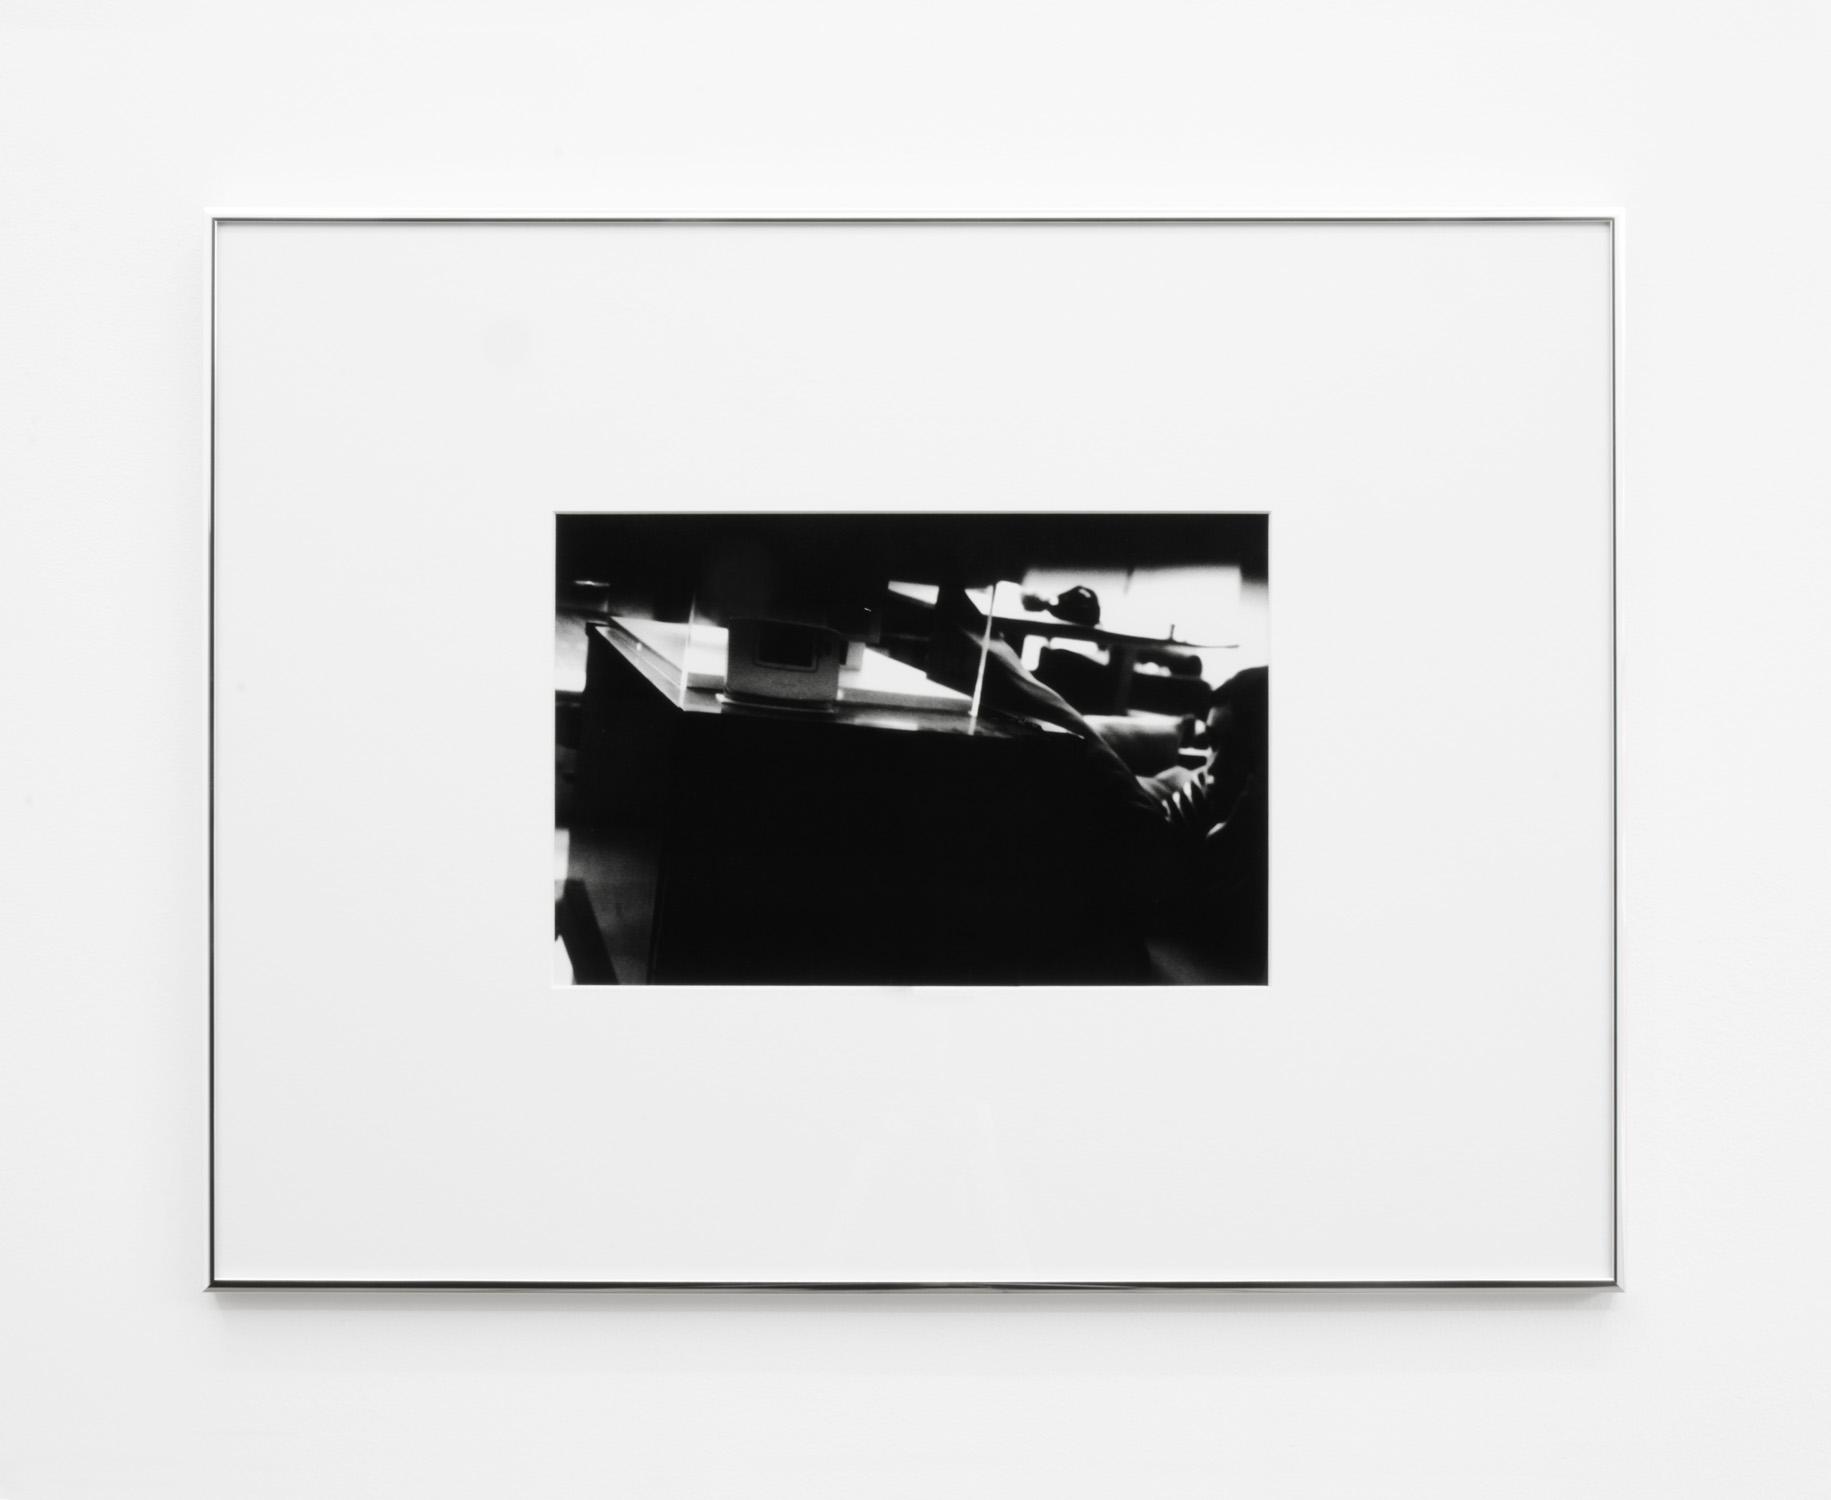 Electra , 2015, 42 x 55cm (framed), Silver Gelatin print.